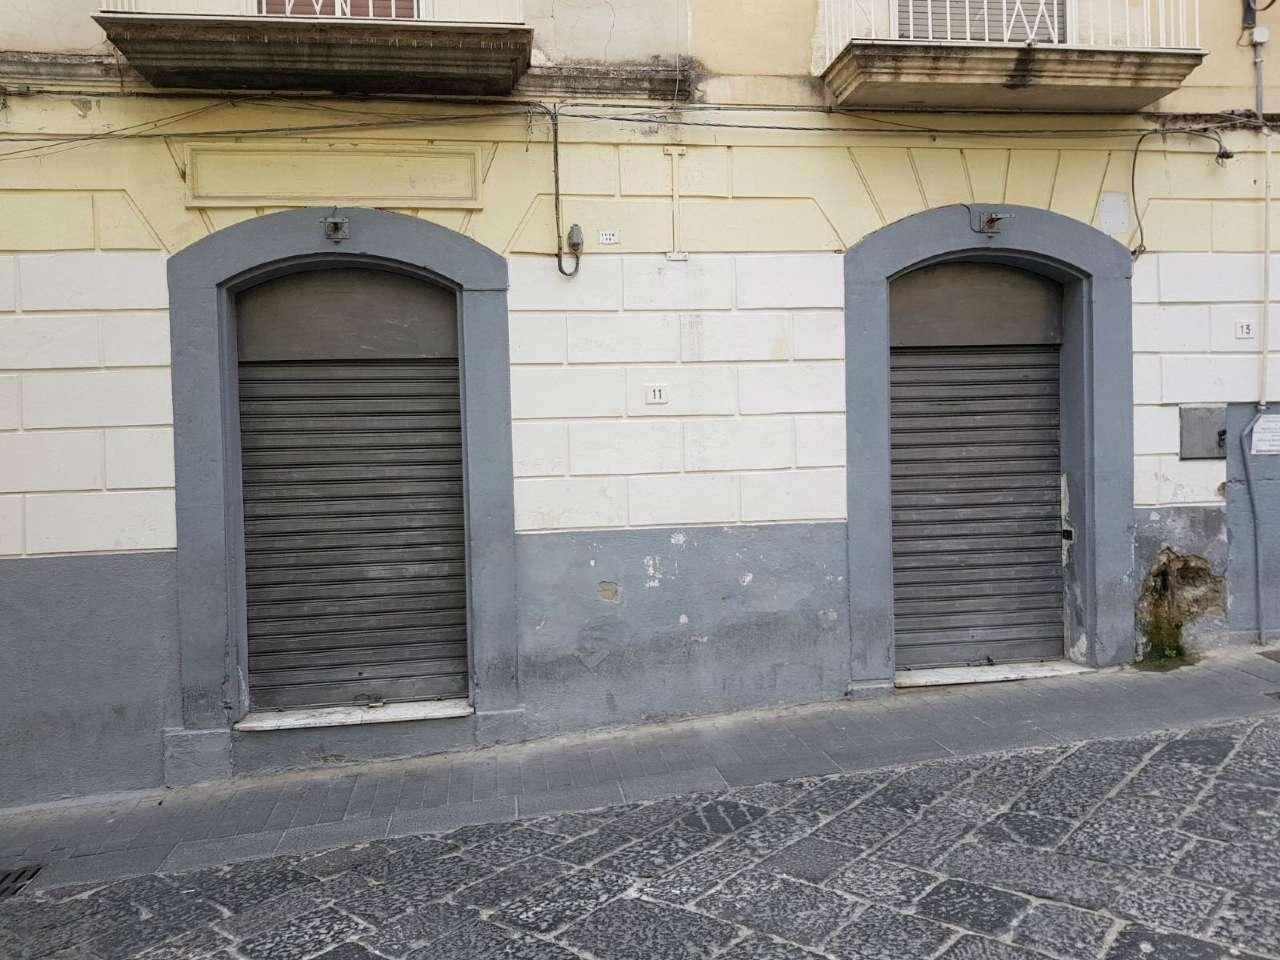 Negozio / Locale in vendita a Sarno, 9999 locali, prezzo € 100.000 | CambioCasa.it